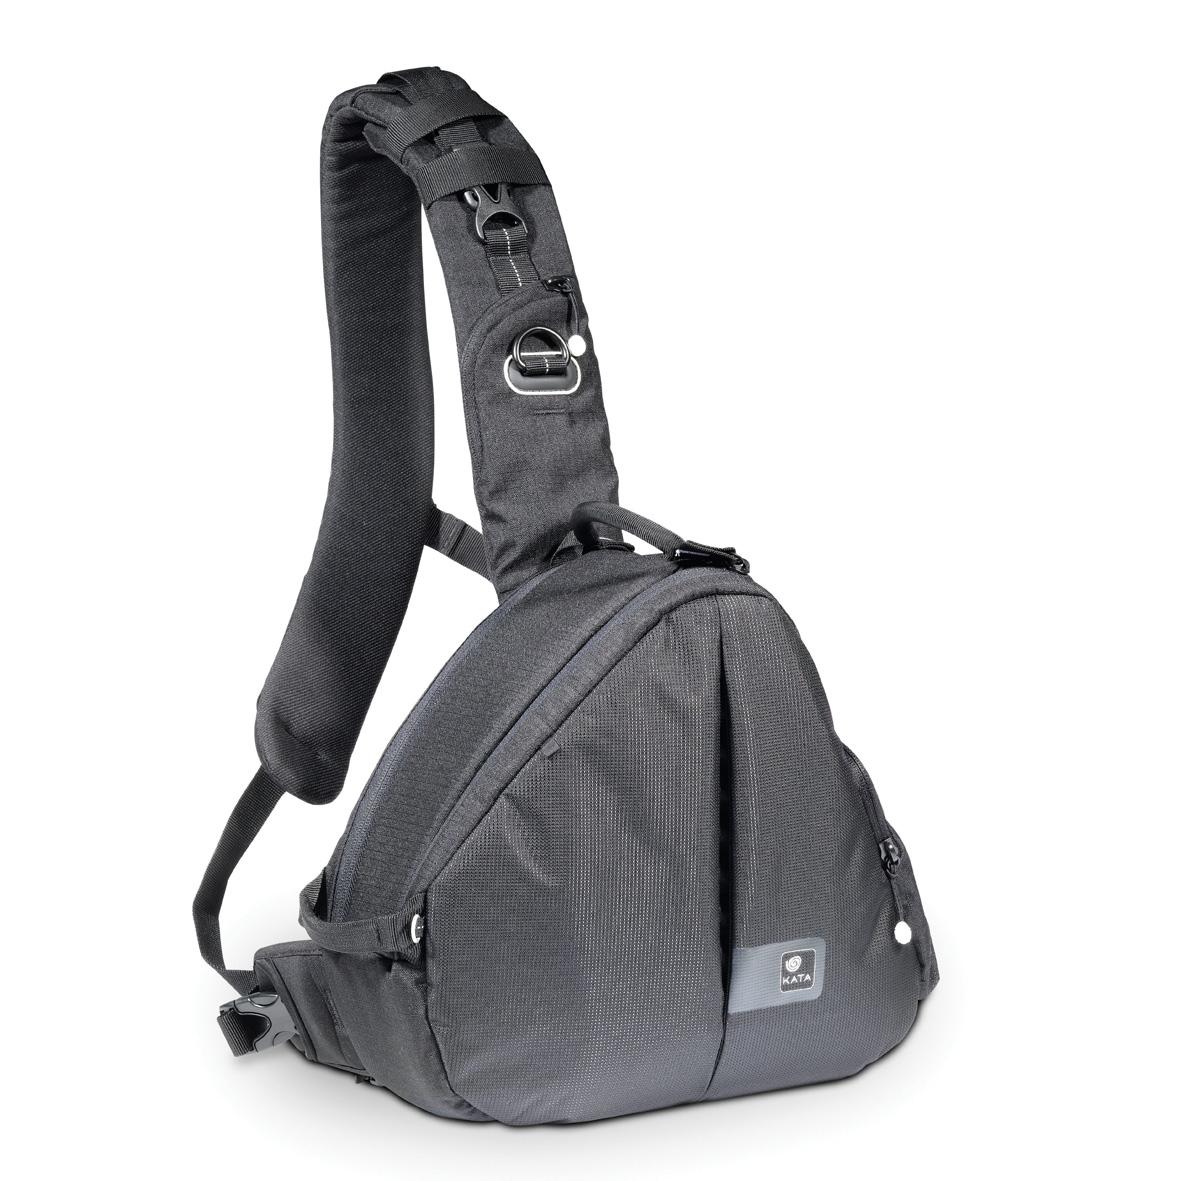 Photo Cases & Bags Kata Bags UK - LighTri-315 DL for DSLR w/long-range zoom lens + 2 lenses